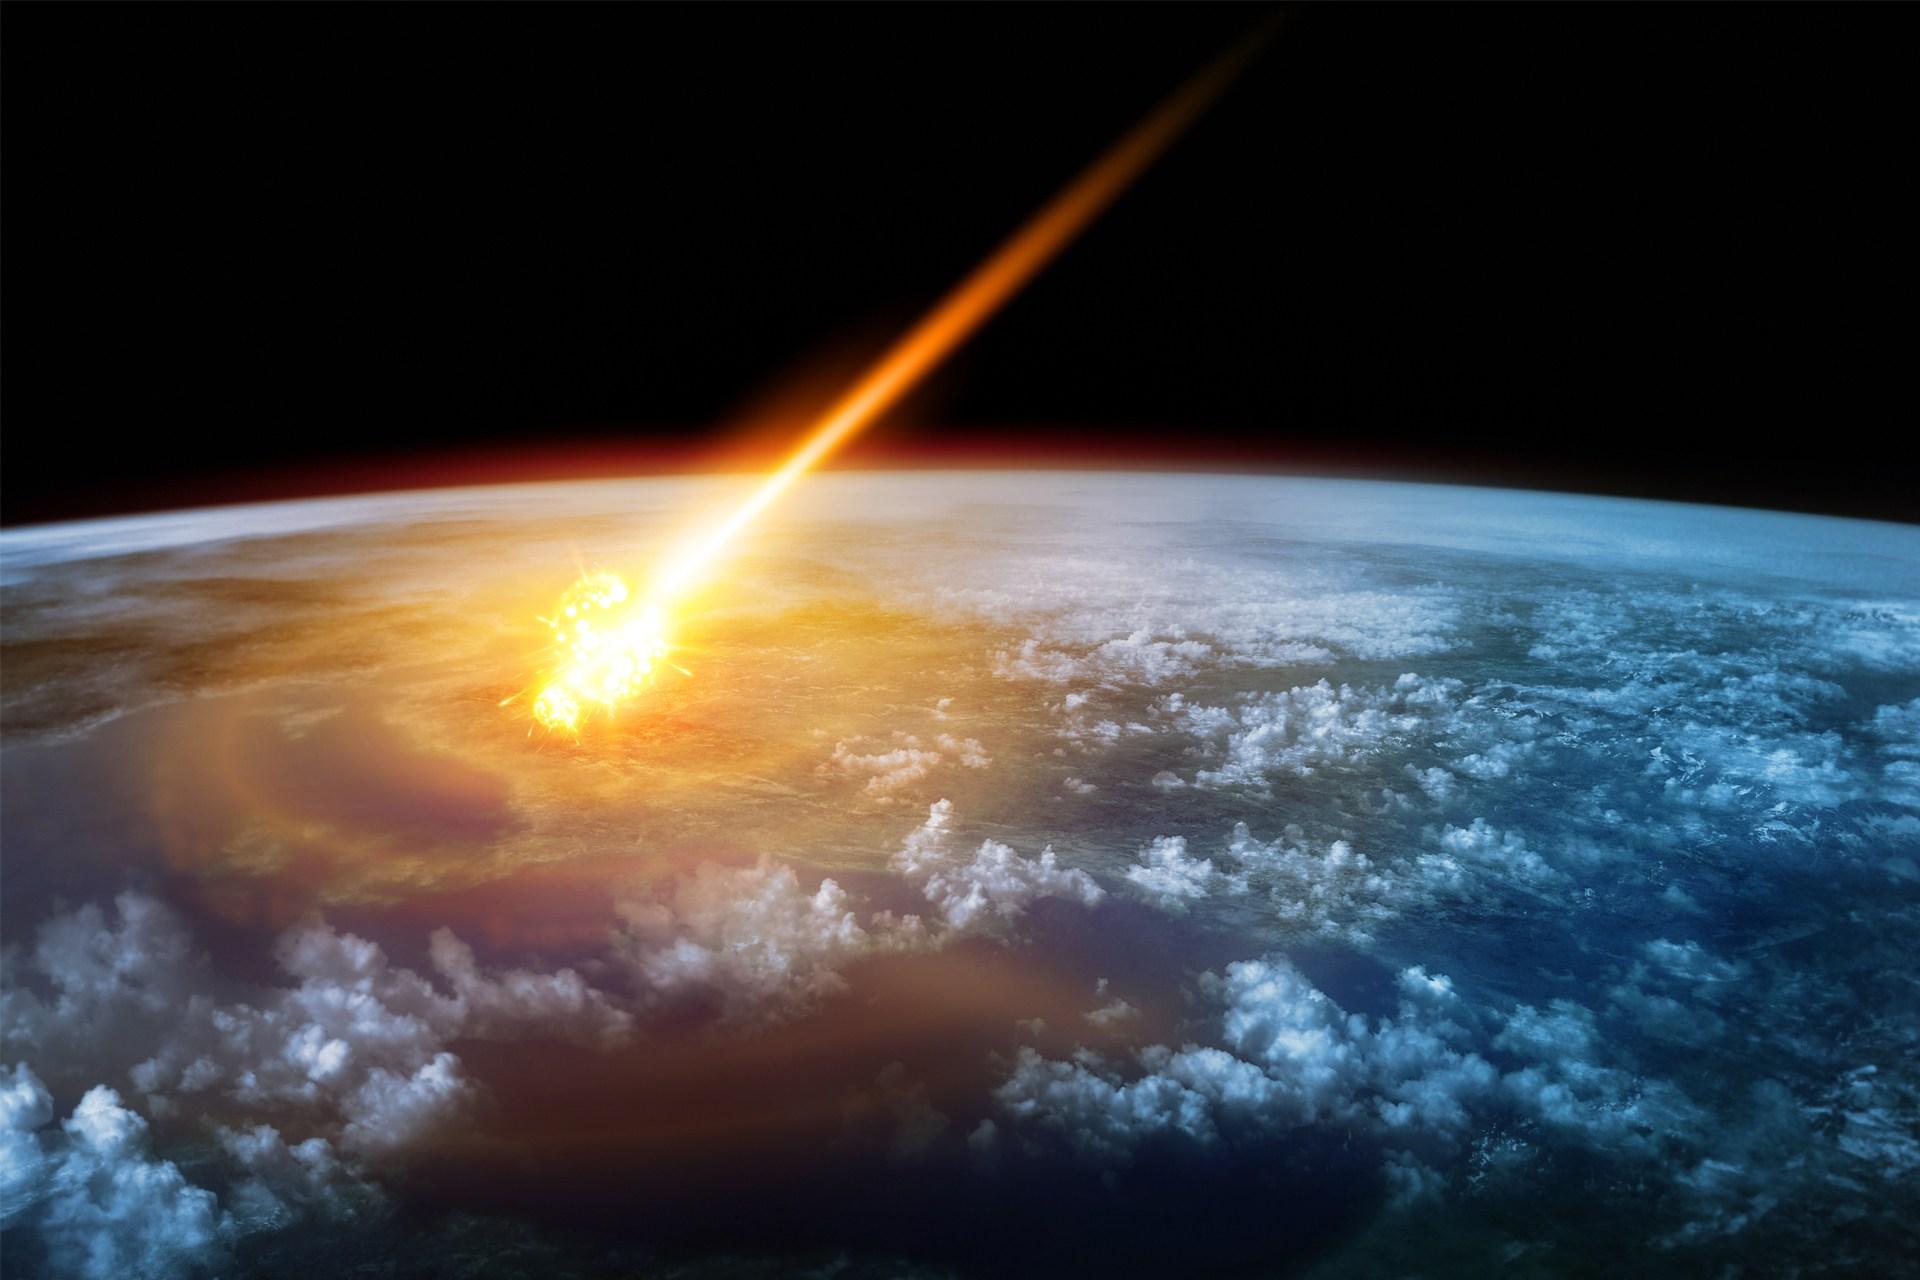 Главная задача нового института— недопустить столкновения астероидов сЗемлёй. Адля этого нужно найти способ изменить траекторию движения опасных объектов.